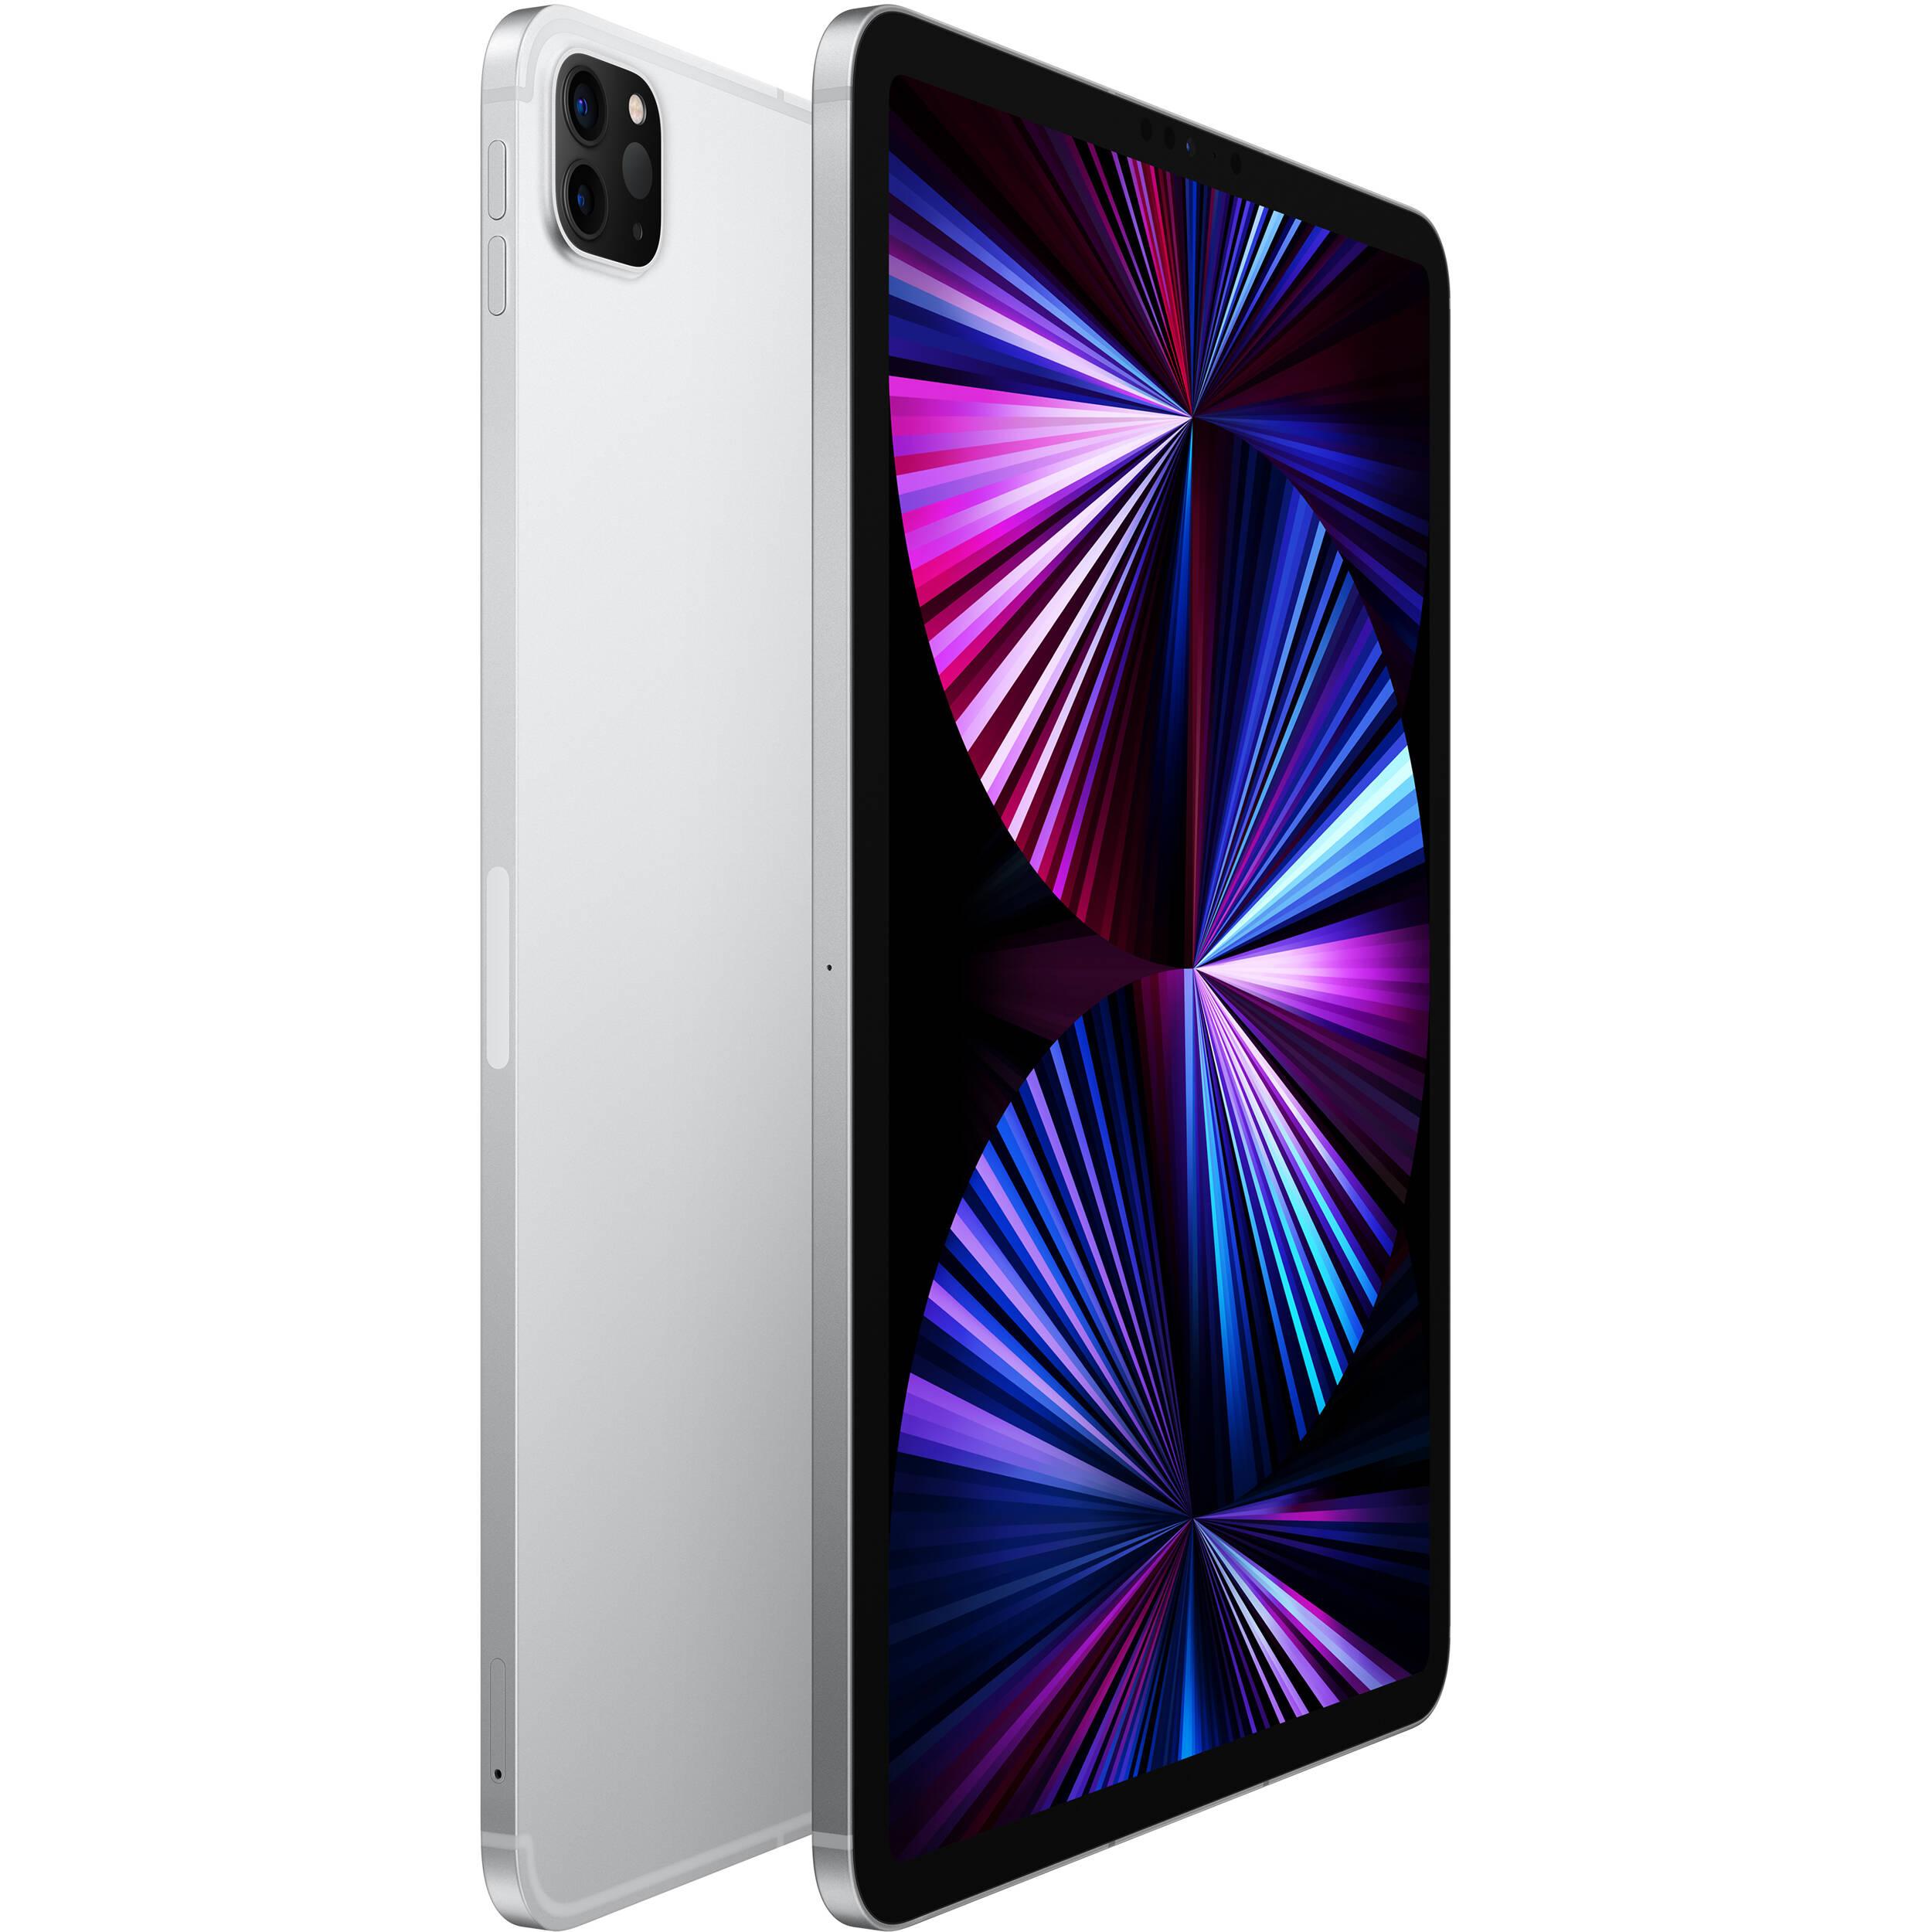 تبلت اپل مدل iPad Pro 11 inch 2021 WiFi ظرفیت 256 گیگابایت main 1 6